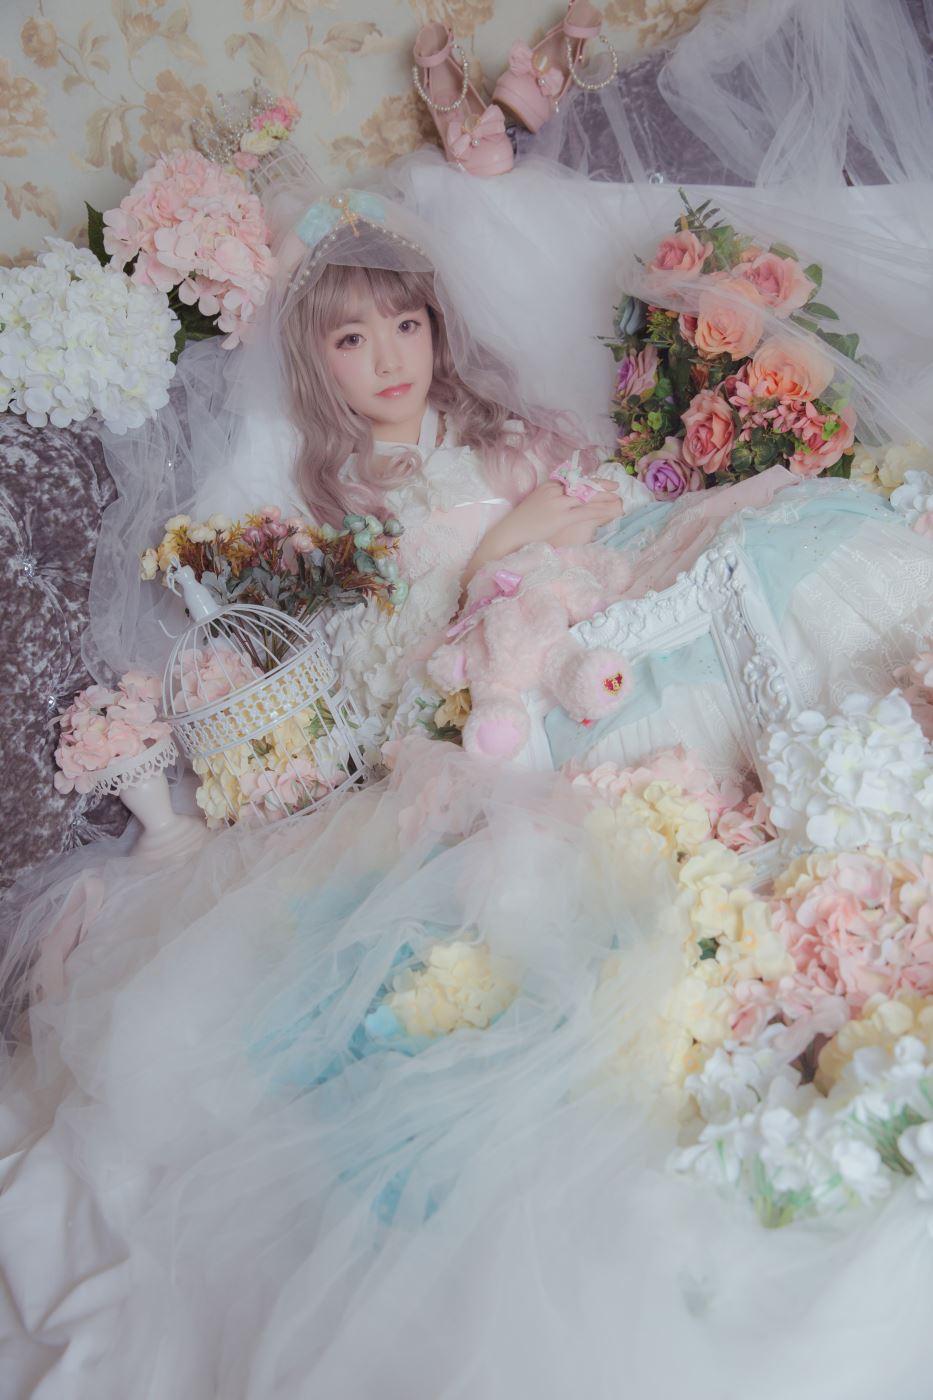 清纯少女萌妹子Lolita装扮甜美可爱美女摄影写真图片